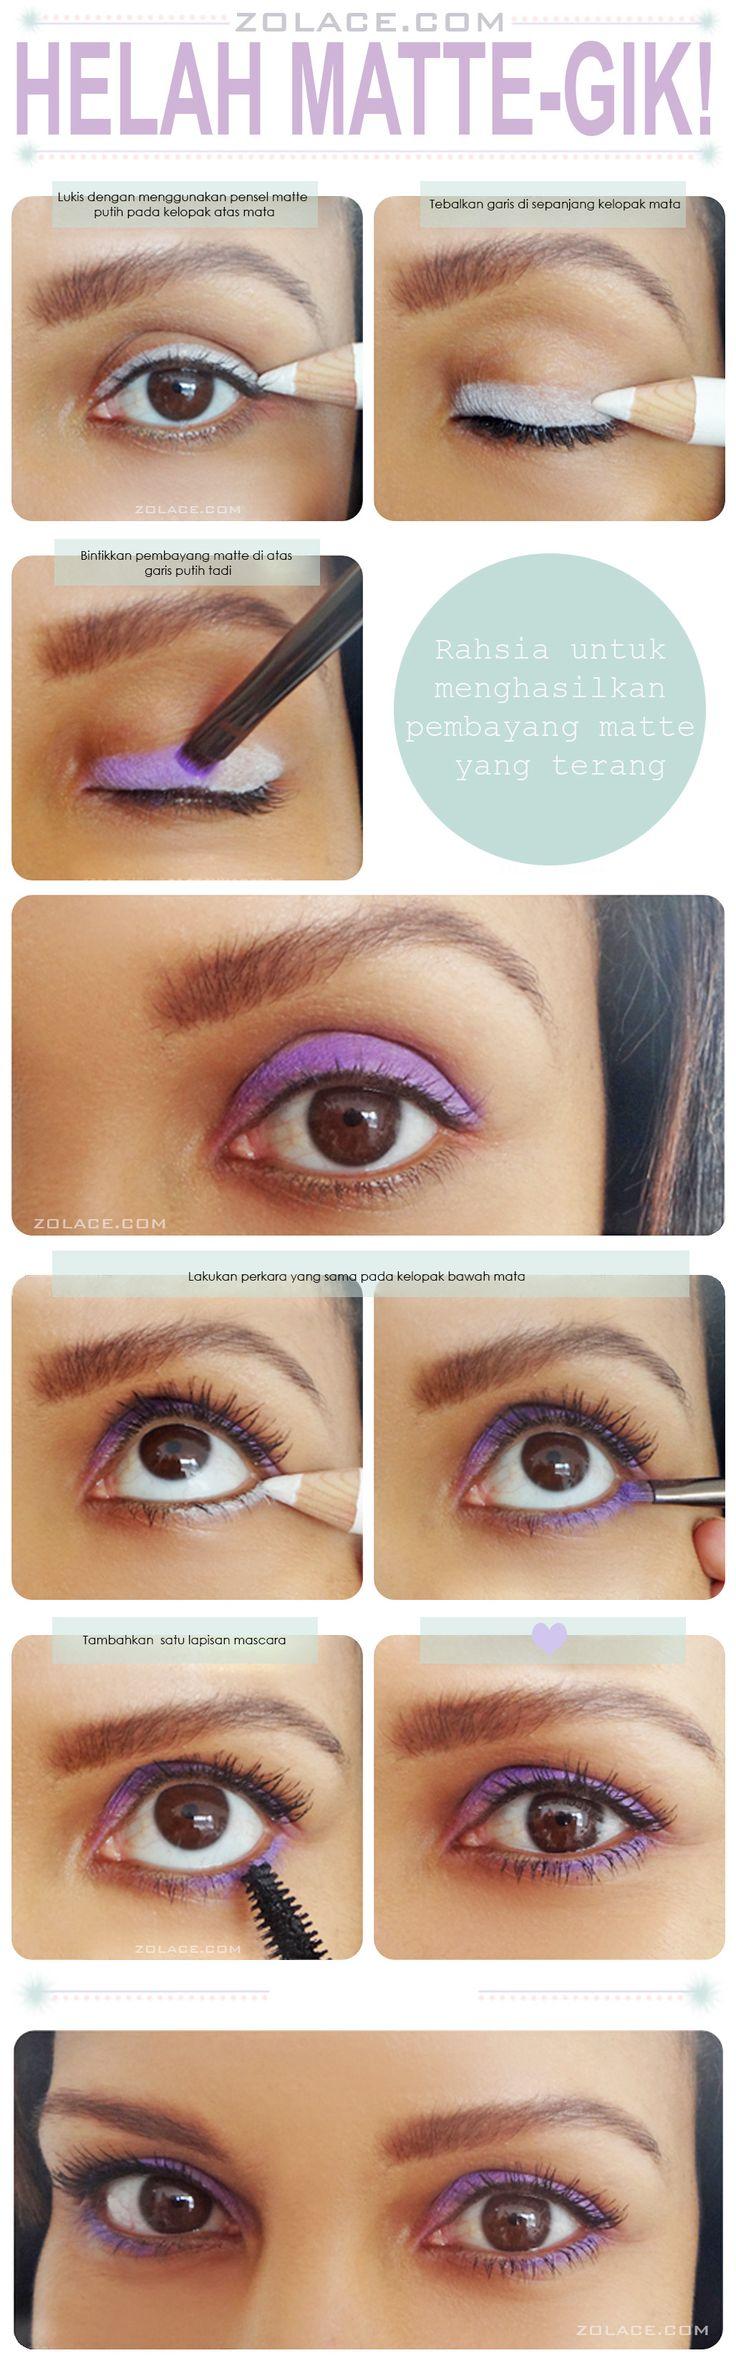 Make Up Mata Helah #Matte-Gik Menggunakan Celak Pensel Putih Secret to Making Matte Shadows Brighter